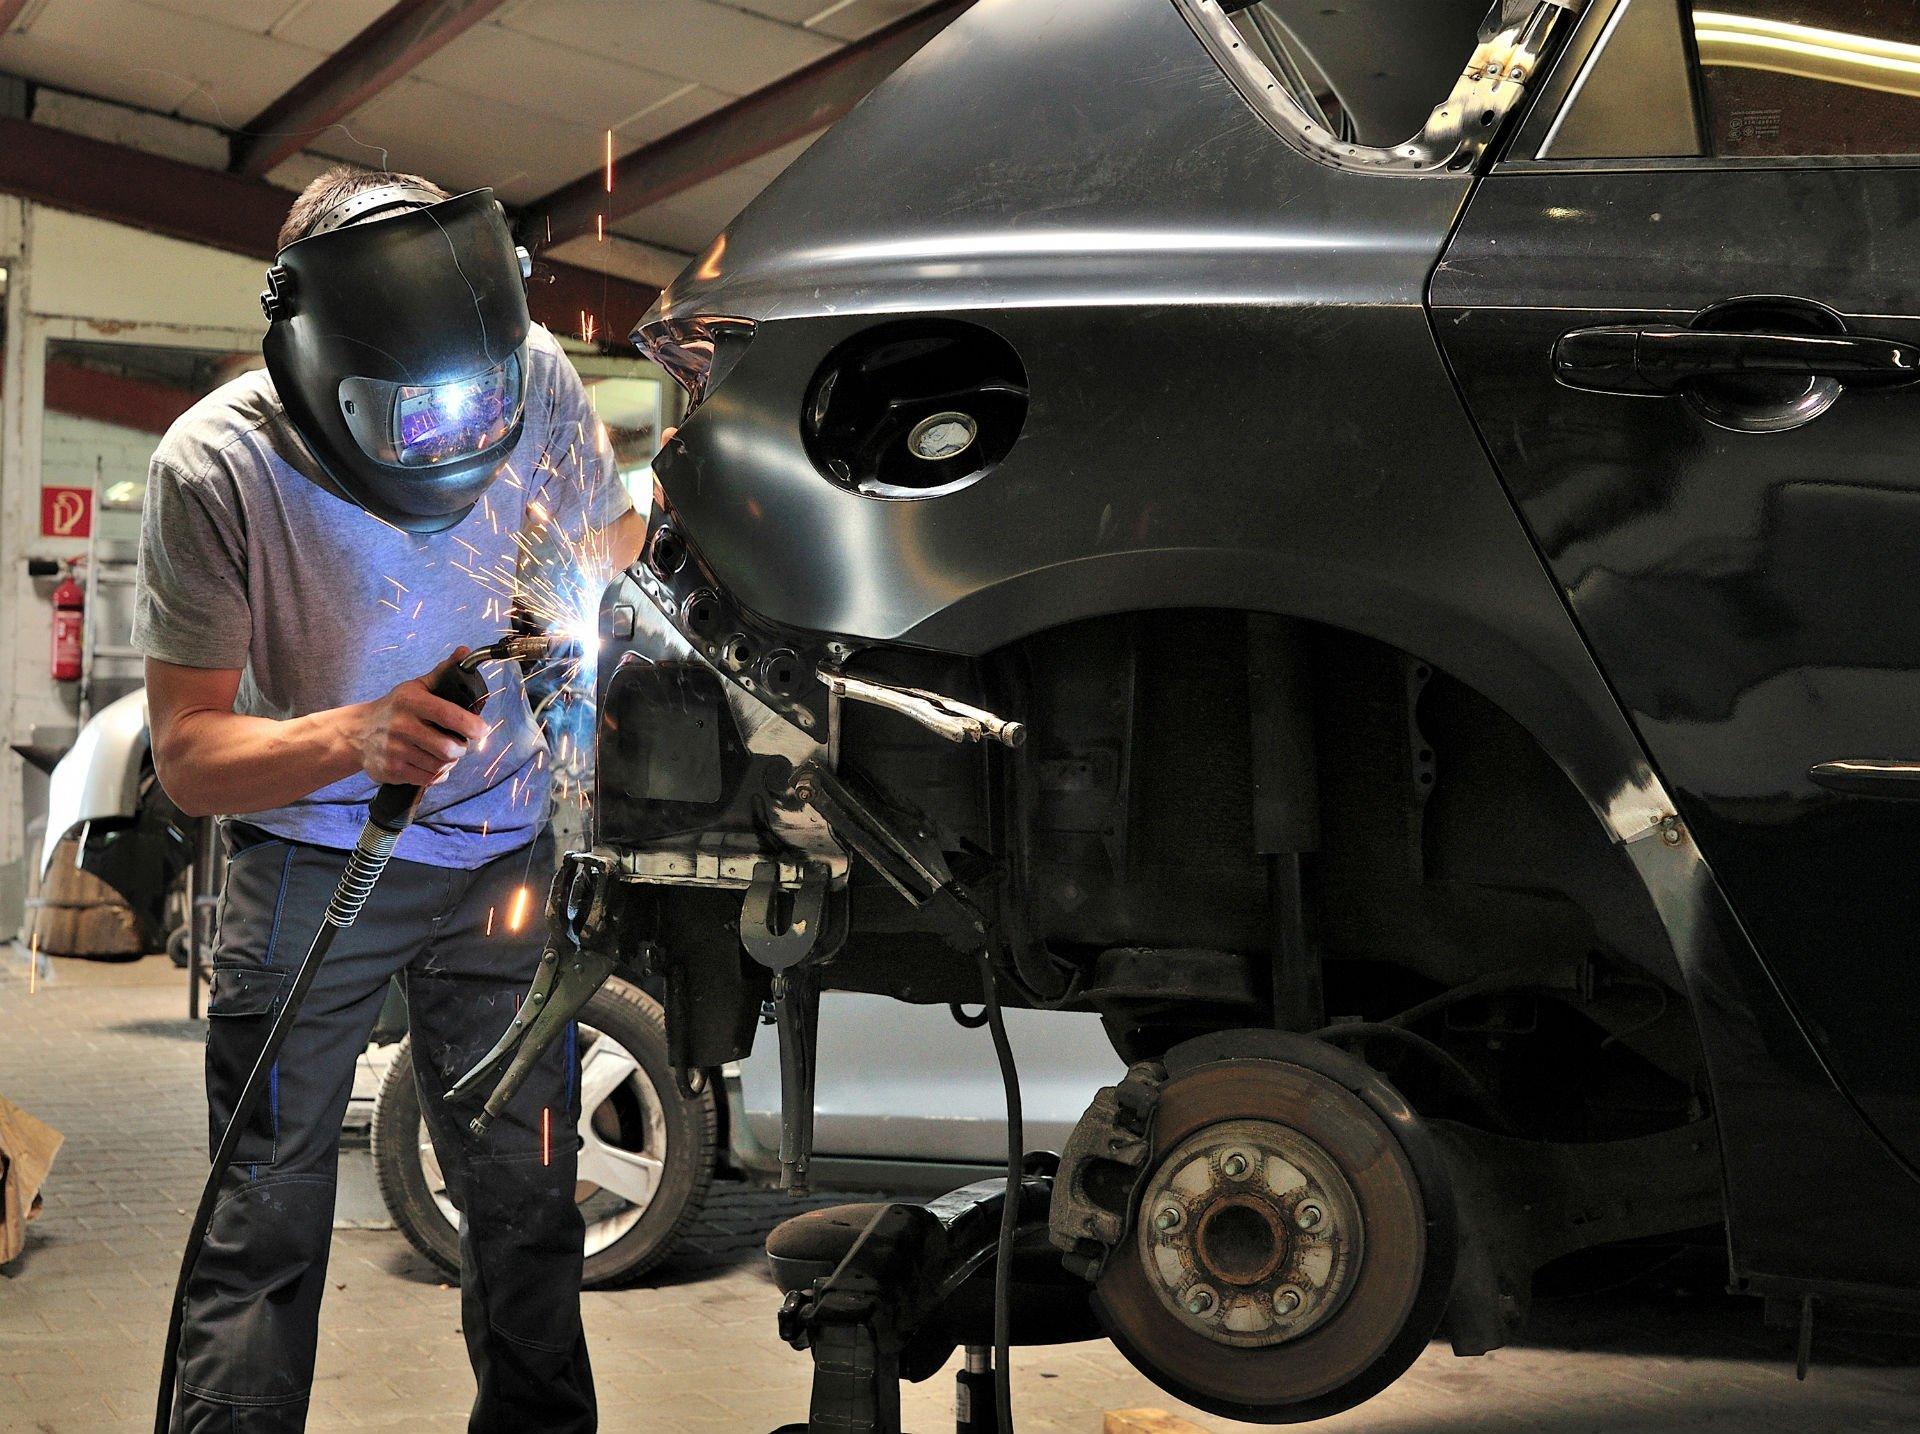 un carrozziere con una maschera durante un lavoro di saldatura